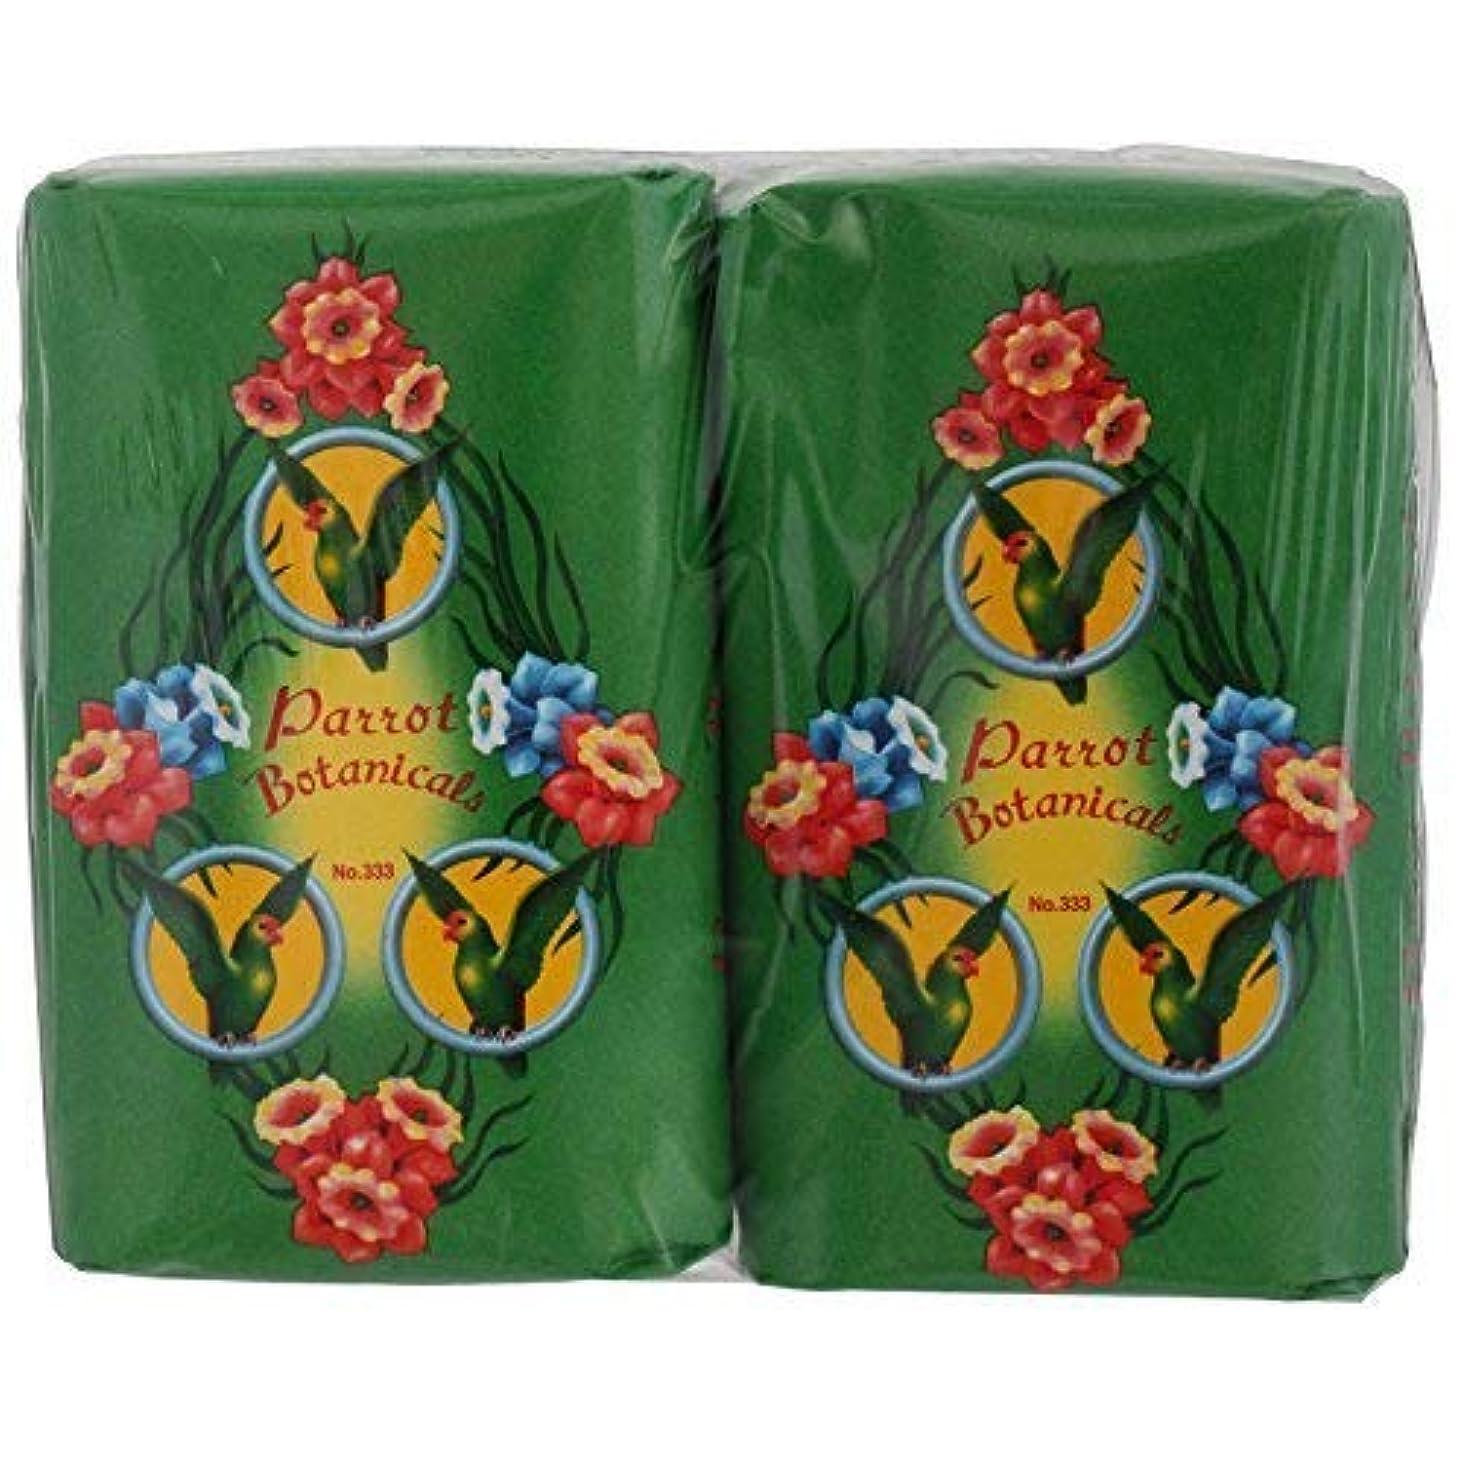 流行登録責任者Rose Thai Smile Shop Parrot Botanicals Soap Green Long Last Fragrance 105 G (Pack of 4) Free Shipping